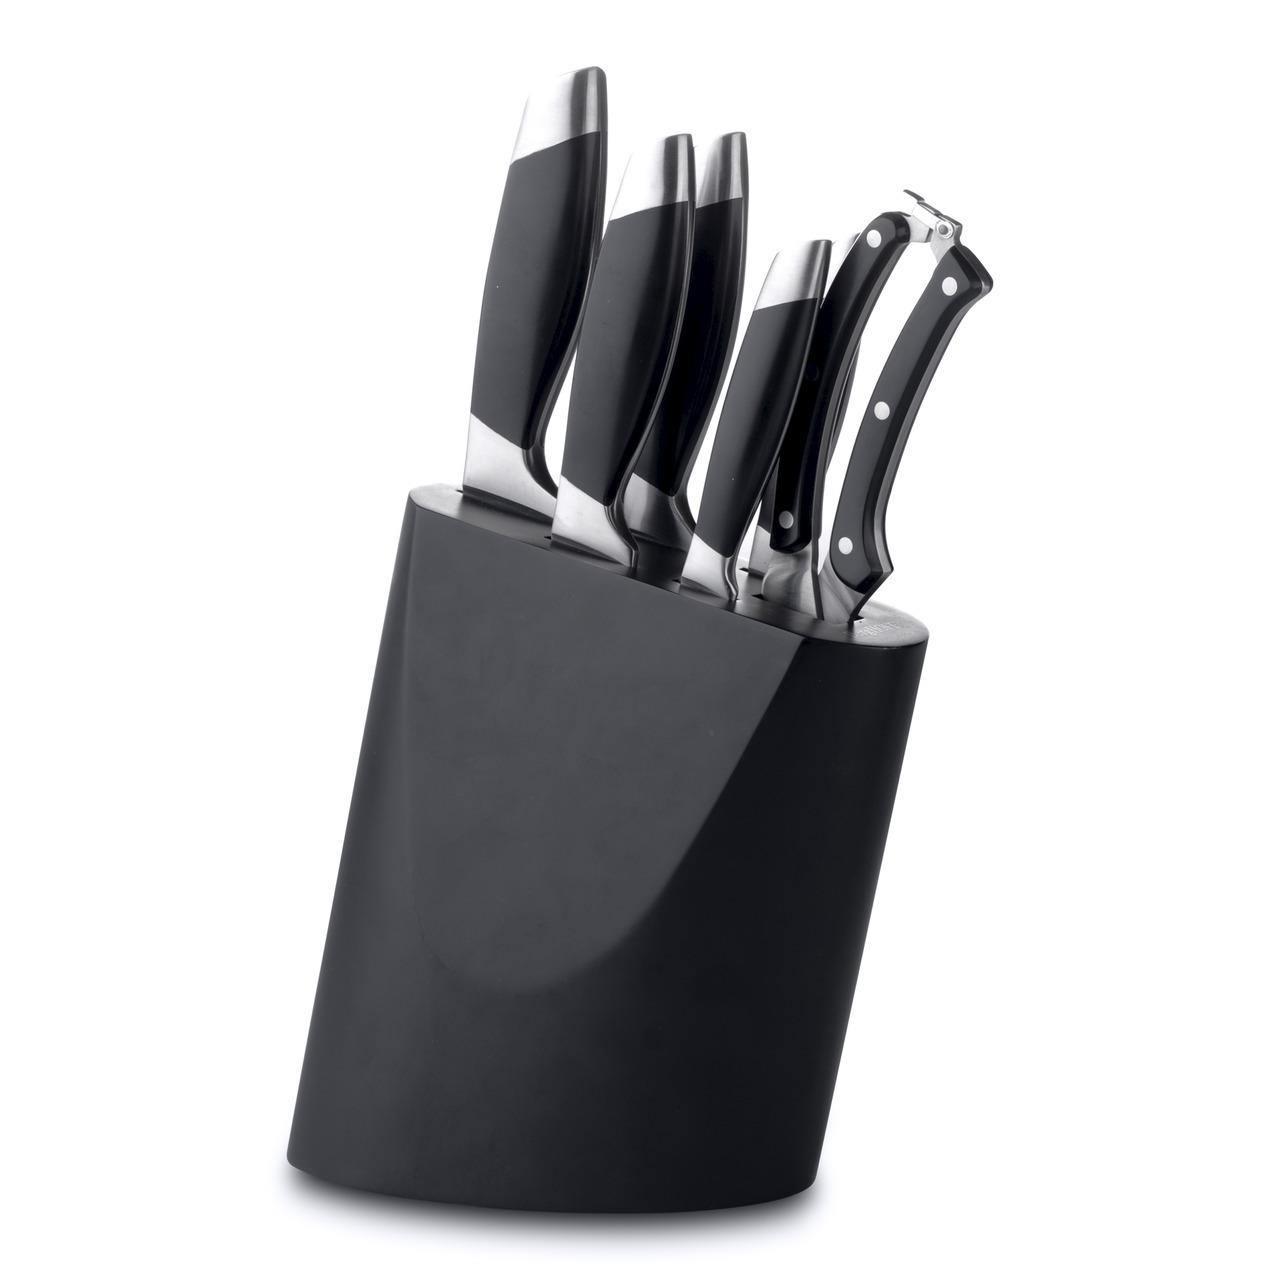 Набор ножей из 7 предметов BergHOFF Geminis 1307138Наборы однослойных ножей (от-2300руб.)<br>Набор ножей из 7 предметов BergHOFF Geminis 1307138<br><br>Состав набора:1 x нож для очистки 8,5 cm1 x универсальный нож 12,5 cm1 x нож для мяса 20 cm1 x поварской нож 20 cm1 x нож для хлеба 20 cm1 x ножницы для разделки птицы1 x деревянная колода<br><br>Универсальный набор ножей для всех кулинарных задач.Колода удобно сохраняет все ножи безопасным образом. Нескользящая платформа обеспечивает дополнительную устойчивость.<br>Нож для очистки - маленький и легкий, с прямой режущей кромкой. Это по-настоящему универсальный нож, идеальный для очистки и других мелких работ. Часто используется для очистки фруктов и овощей, которые можно держать в руках.<br>Универсальный нож идеален для всех нарезочных работ, требующих точности.<br>С помощью ножа для мяса легко нарезать мясо тонкими ломтиками. Часто используется в комбинации с вилкой для мяса, с помощью которой можно удерживать кусок во время нарезания. Поварской нож - самый используемый на кухне. Загнутое кверху лезвие позволяет раскачивать нож во время нарезки на разделочной доске. Благодаря широкому и тяжелому лезвию также подходит для легких разрубочных работ.<br>Нож для хлеба - большой нож с зубчатым лезвием. Используется для нарезания продуктов, твердых снаружи и мягких внутри, таких как хлеб и другая выпечка. Также может использоваться для нарезания томатов. Ножницы для разделки птицы специально разработаны, чтобы прорезать кости, куриную кожу и другие жесткие материалы. Они могут быть использованы как обычные кухонные ножницы, подходящие для целого круга более трудных кухонных нарезочных работ. Тяжелая кованая шейка обеспечивает идеальный баланс и безопасность для рук. Ручка, разработанная для безопасного захвата, изготовлена из синтетического материала, известного своей твердостью и прочностью.Заточены вручную.<br>Высококачественные инструменты, долго сохраняющие остроту и простые в уходе.<br>Официальный продавец BergHOFF<br